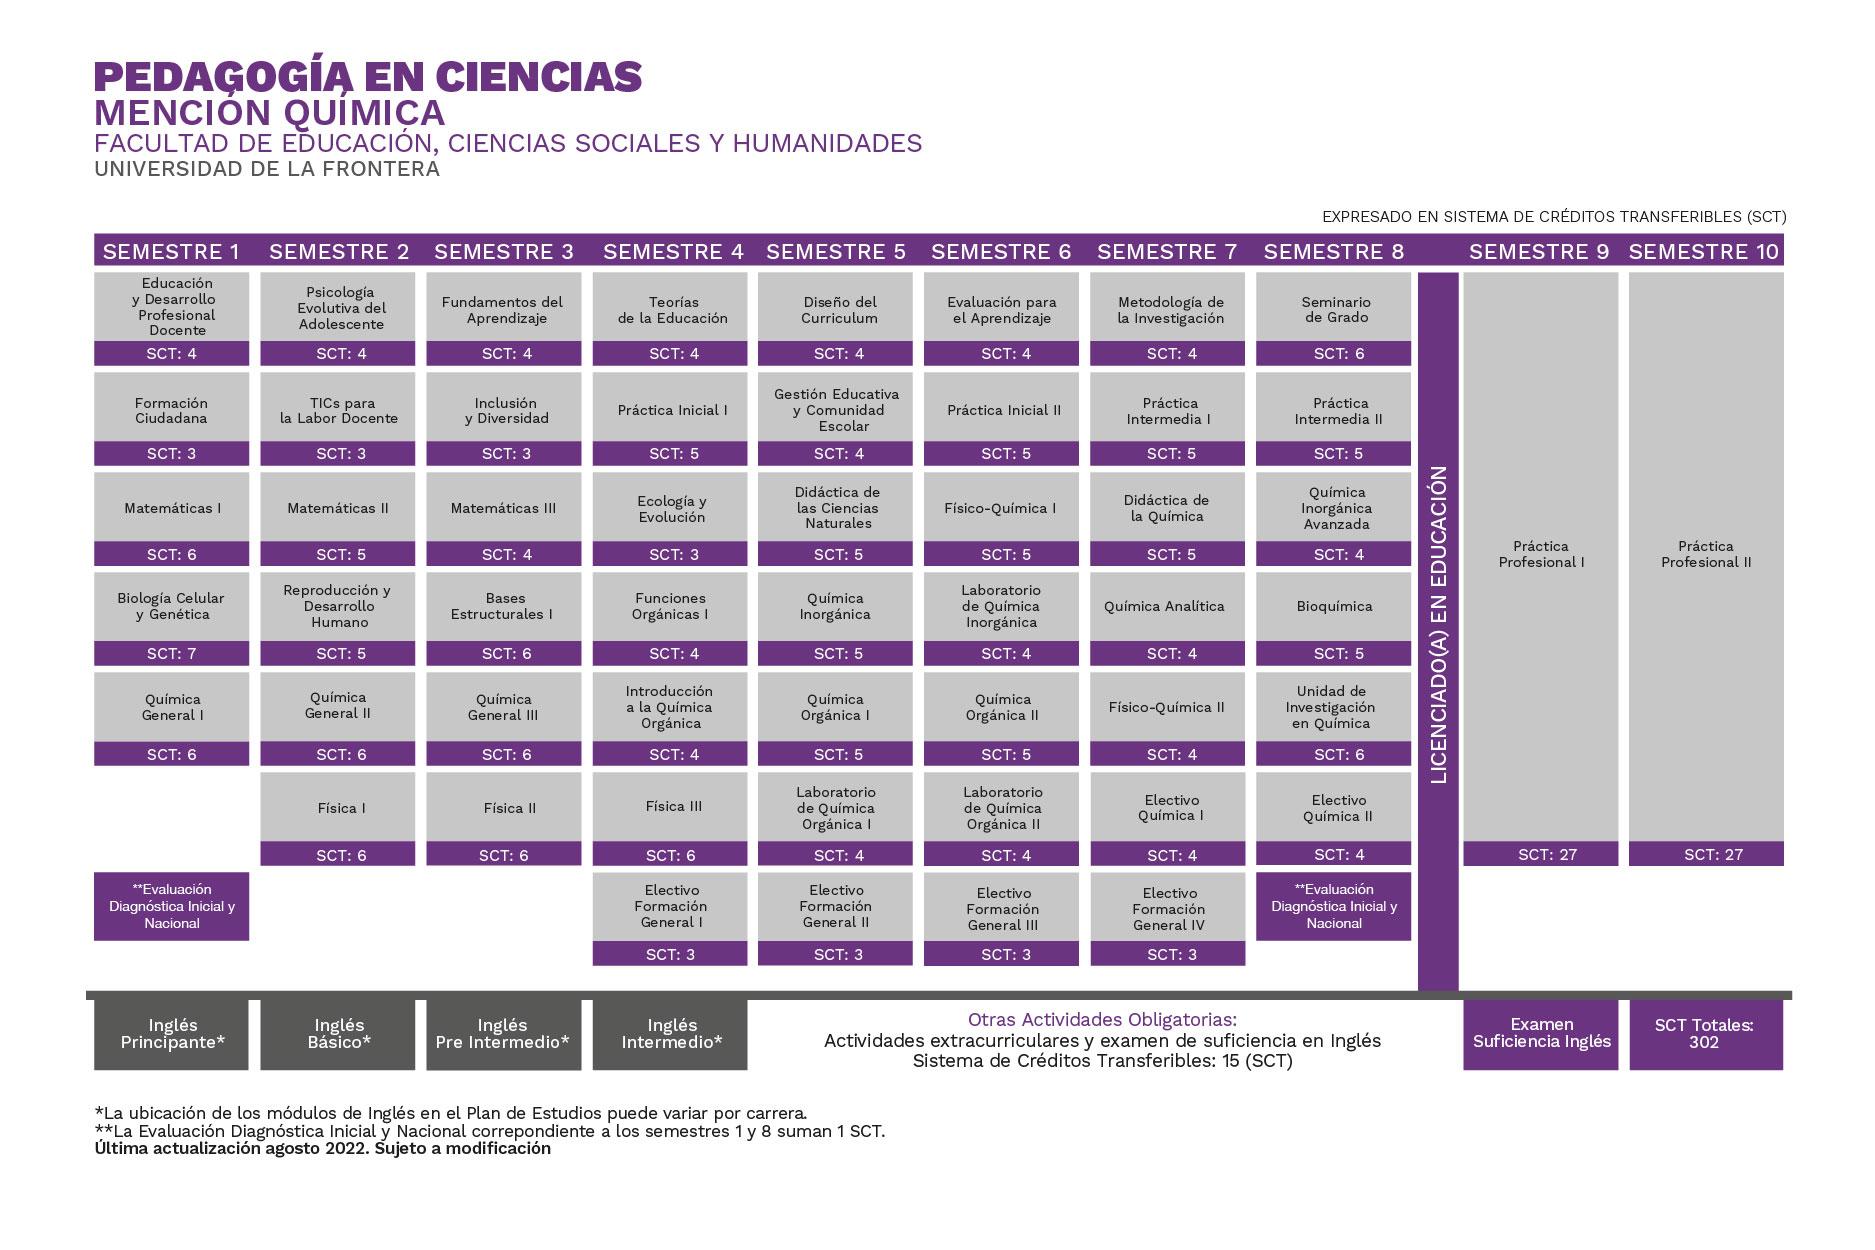 Plan de Estudios Pedagogía en Ciencias mención Química